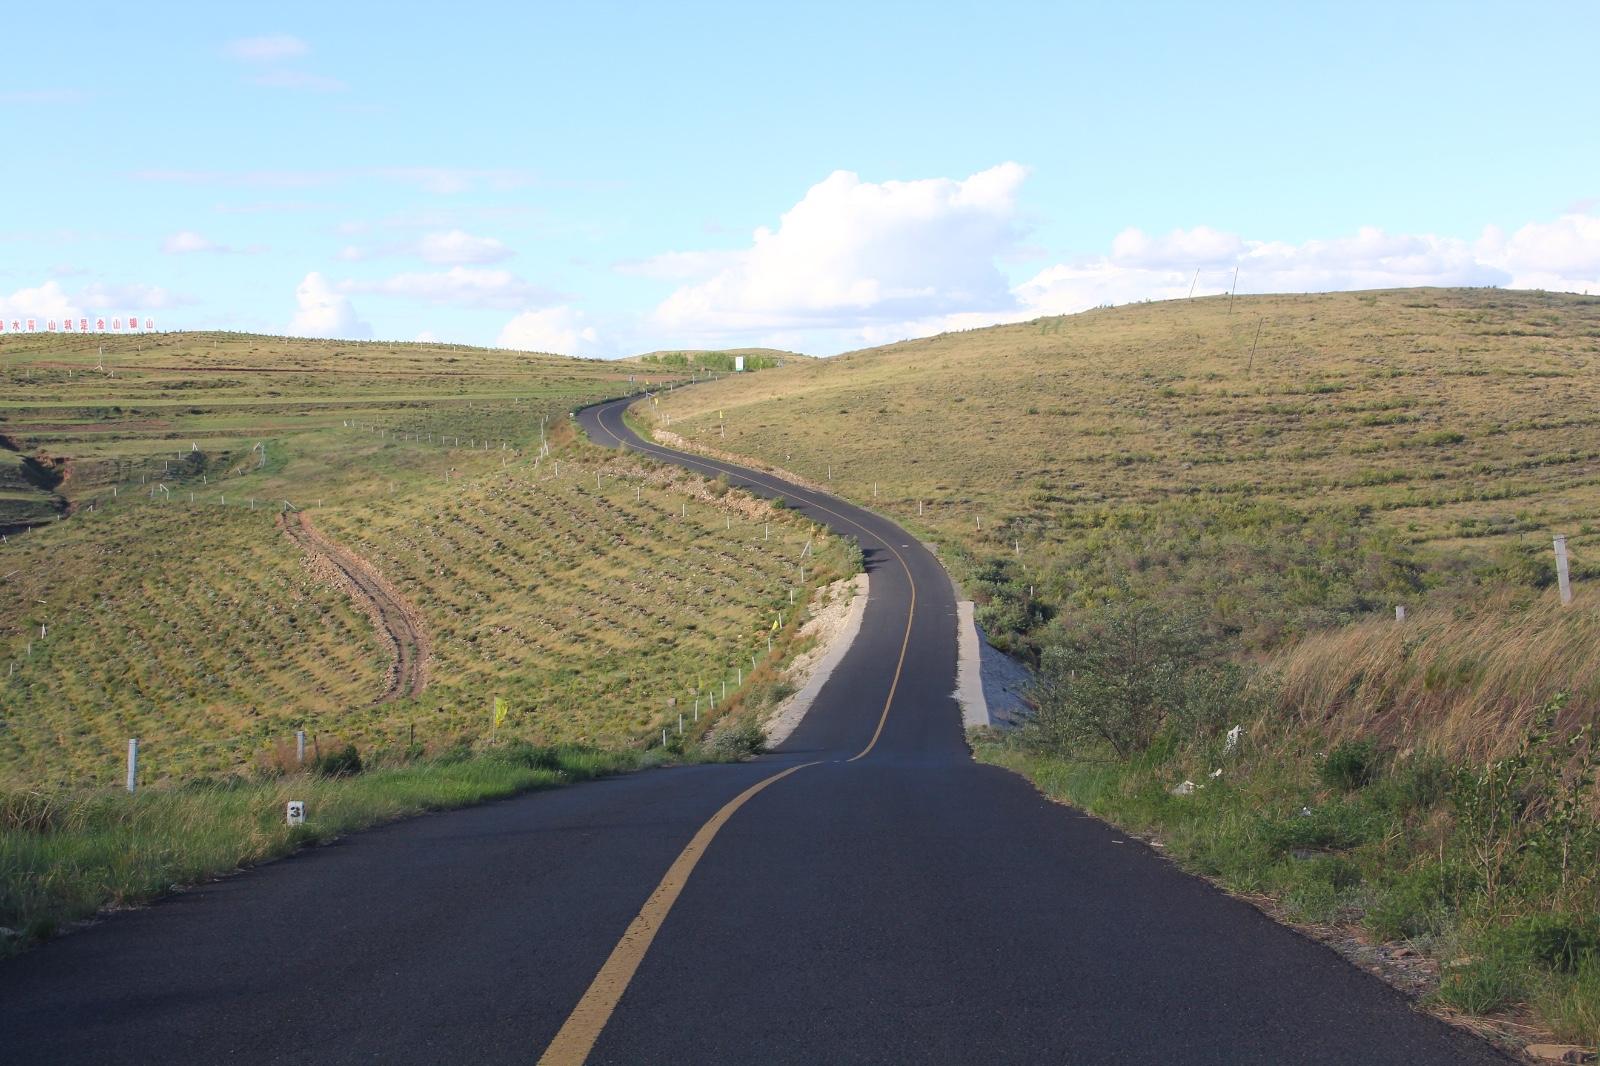 拥抱一路大美风景 和全新哈弗H6探寻草原第一天路(下)